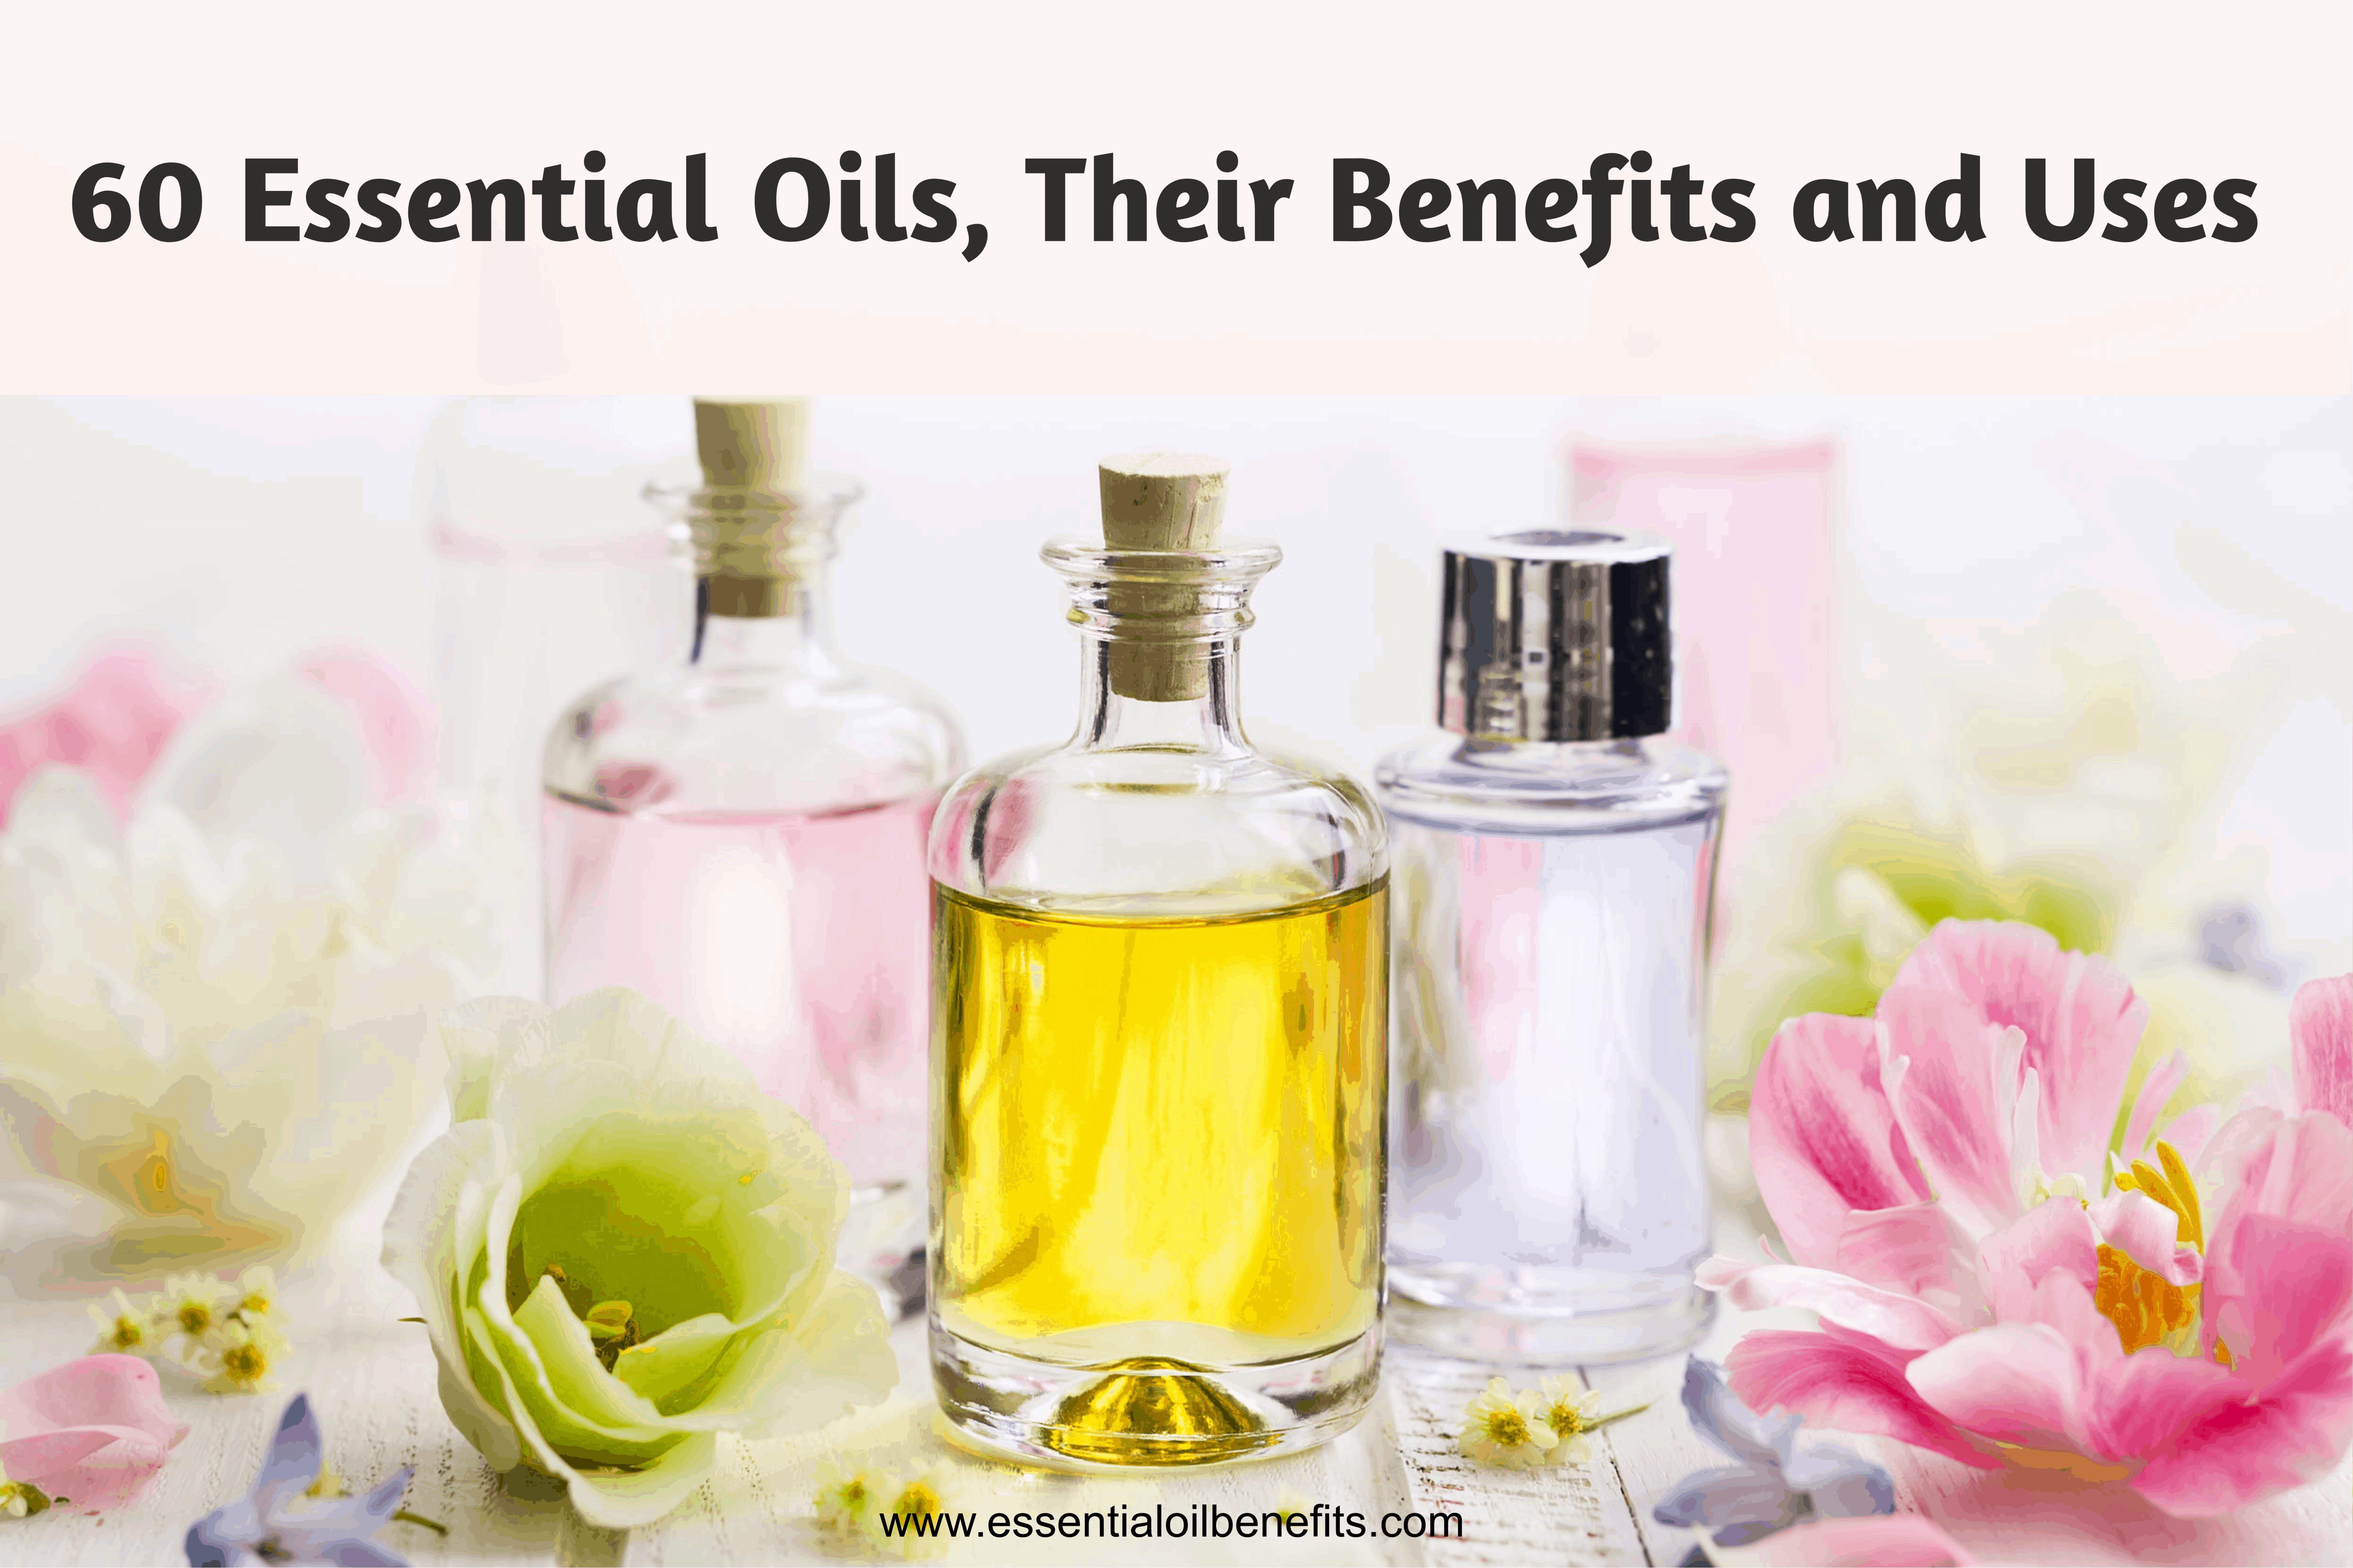 Liste des 60 huiles essentielles, leurs avantages et leurs utilisations (Guide imprimable PDF) |